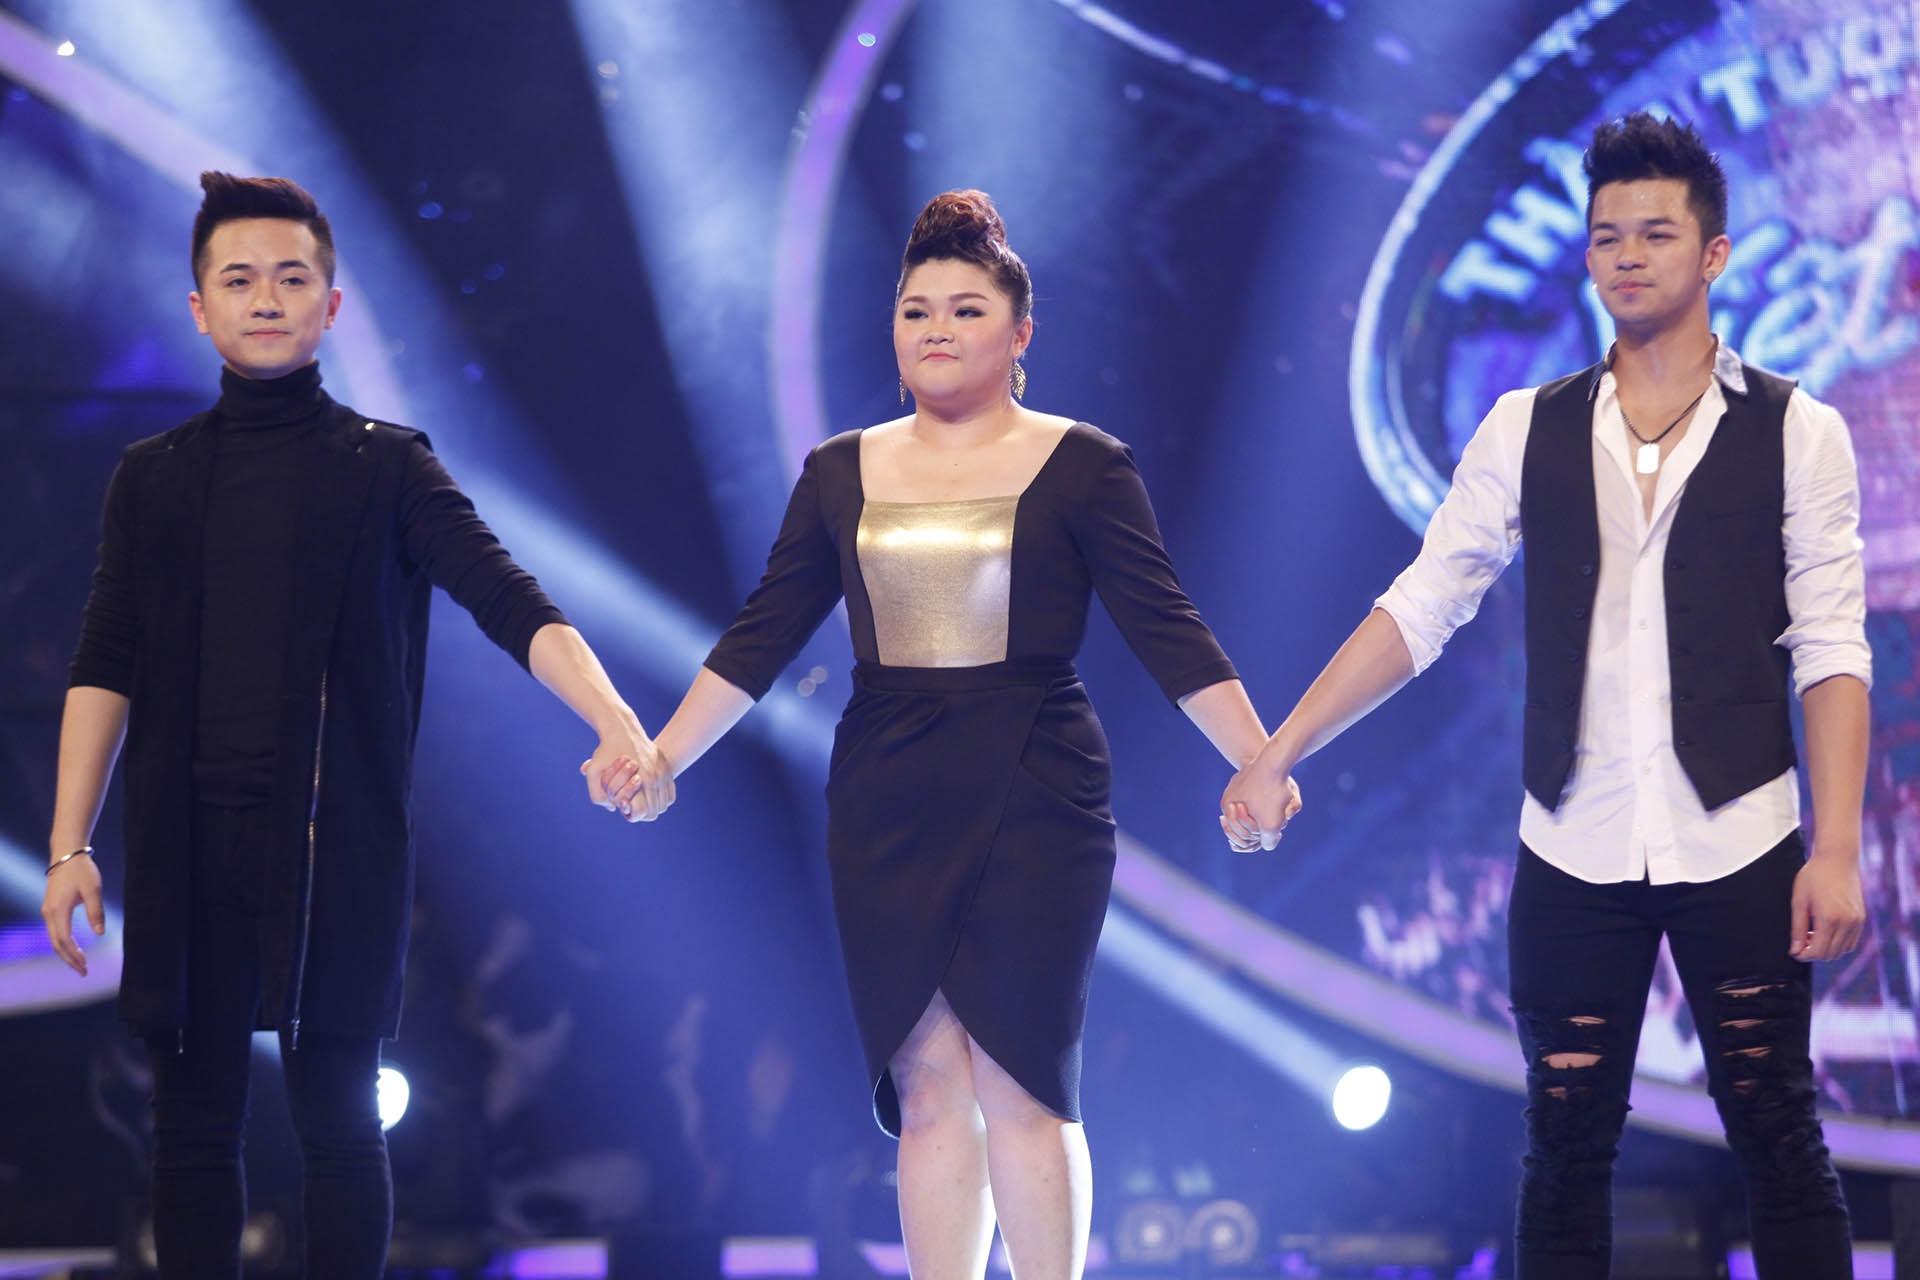 Ba gương mặt nổi bật nhất của Vietnam Idol 2015